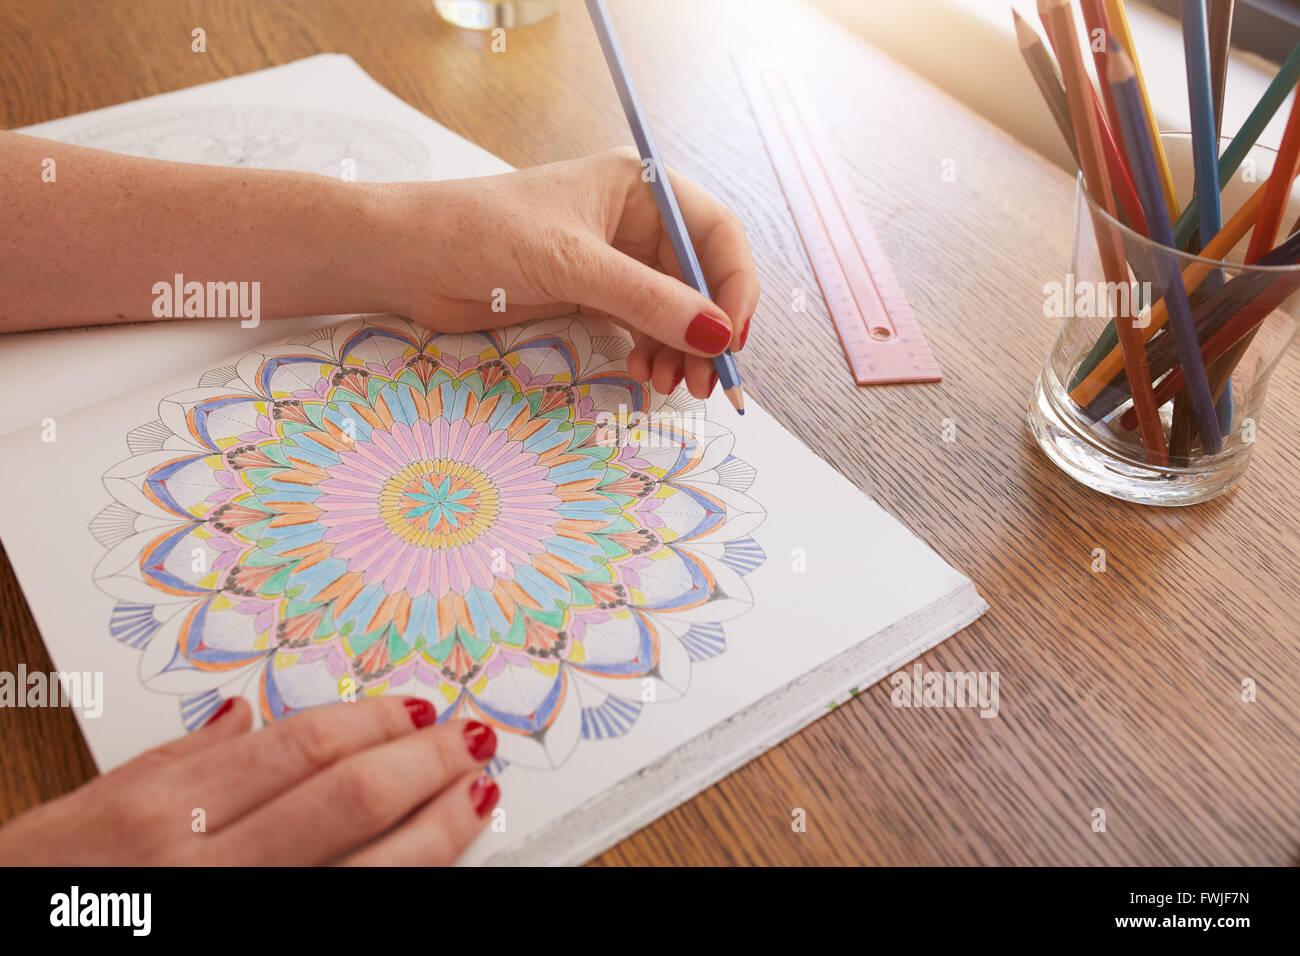 Schließen Sie herauf Bild der Frau Hände zeichnen in Erwachsene Malbuch auf einem Tisch zu Hause. Stockbild